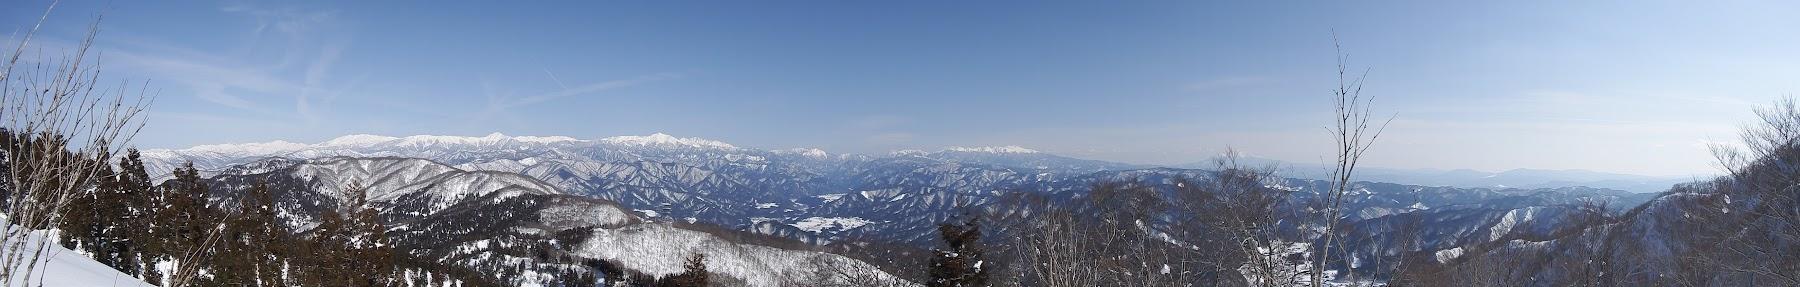 流葉山手前から北アルプス方面のパノラマ